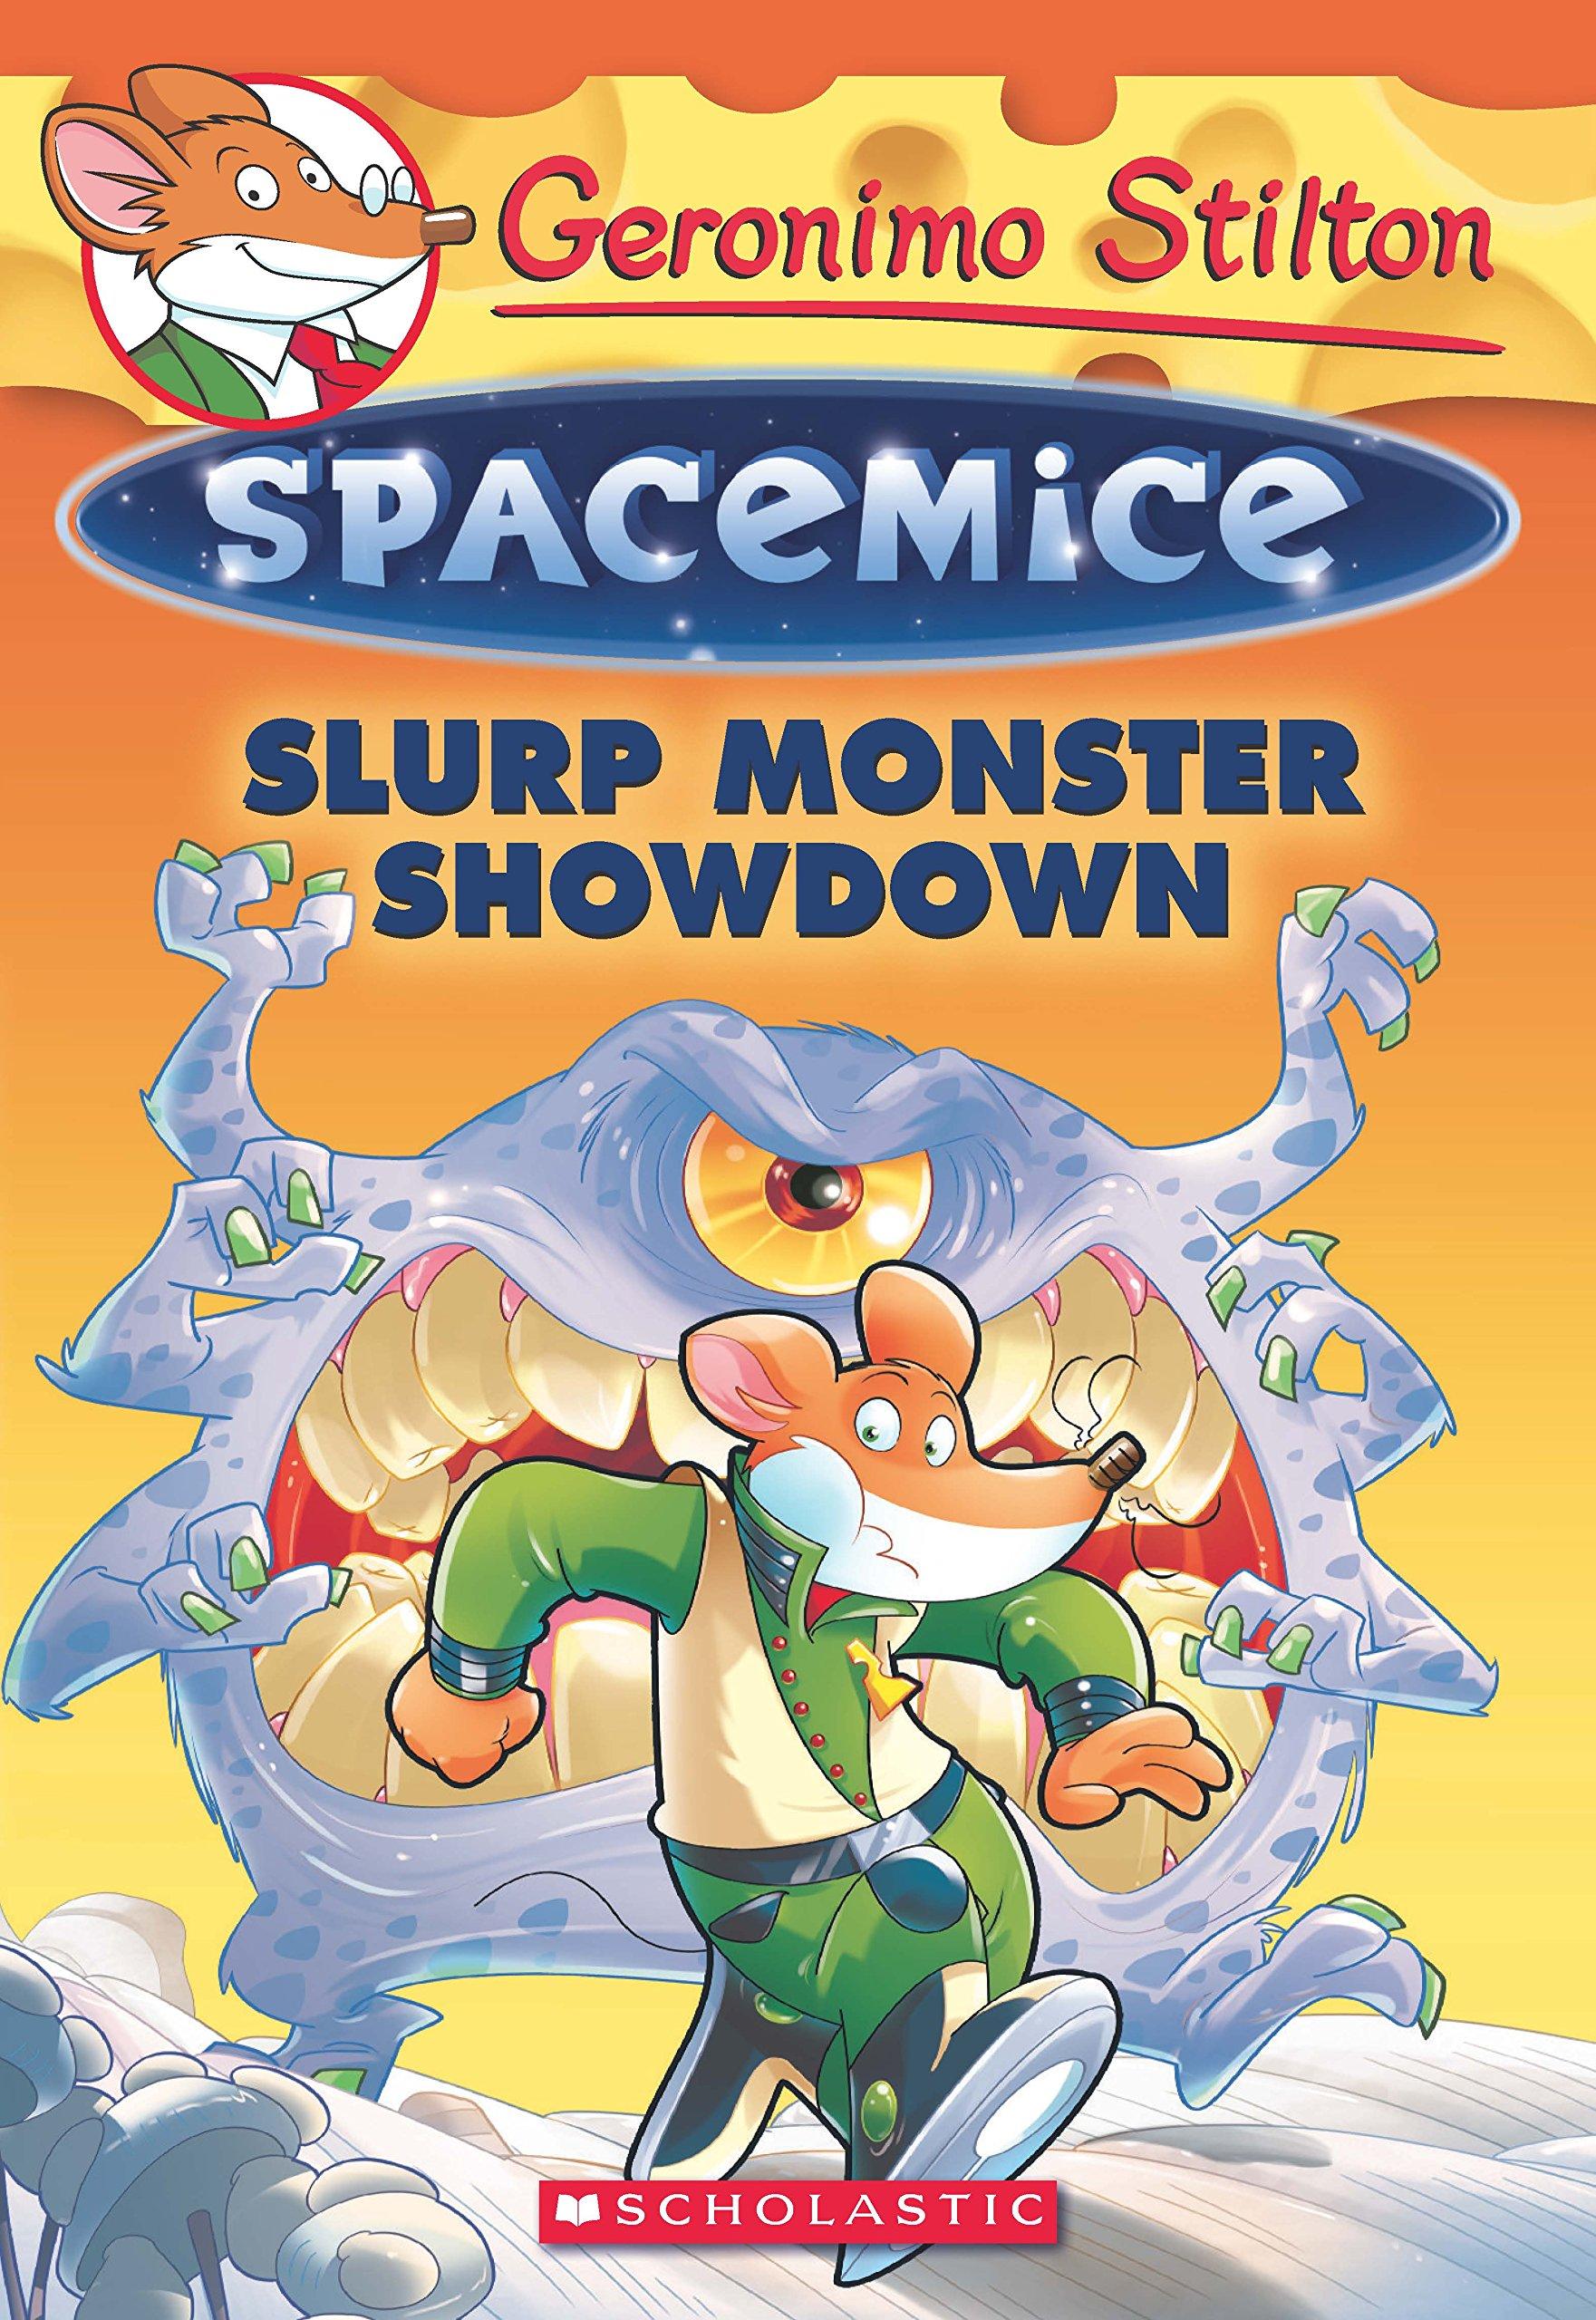 Geronimo Stilton- Spacemice# 09: Slurp Monster Showdown Paperback – Feb 20  2017